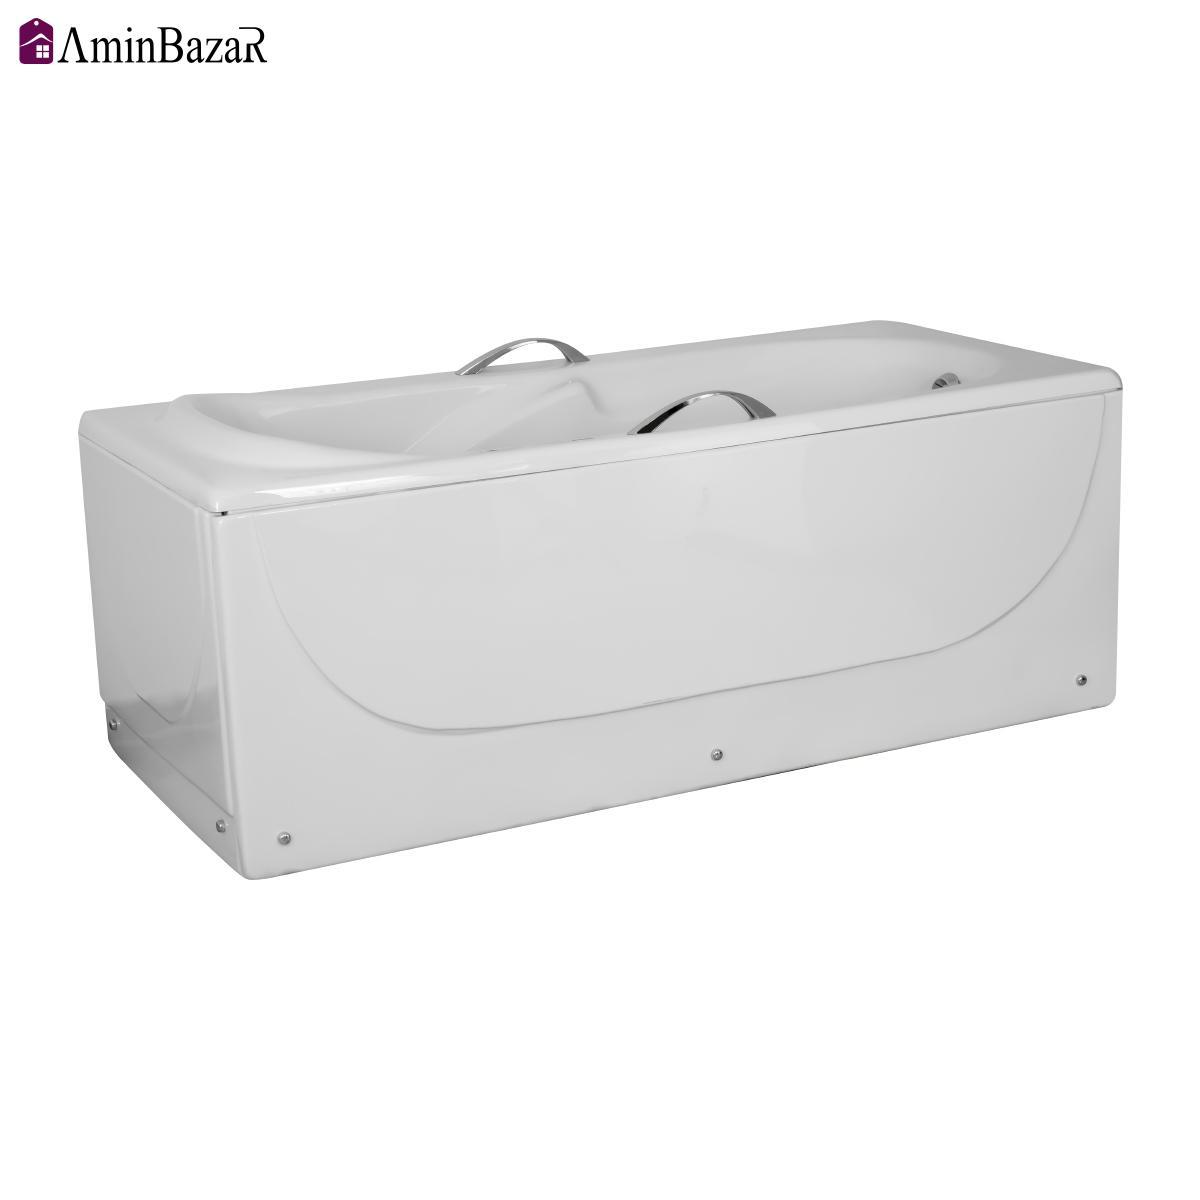 وان حمام سنی پلاستیک مدل اطلس با شاسی و پانل اندازه 70* 150 سانتیمتر